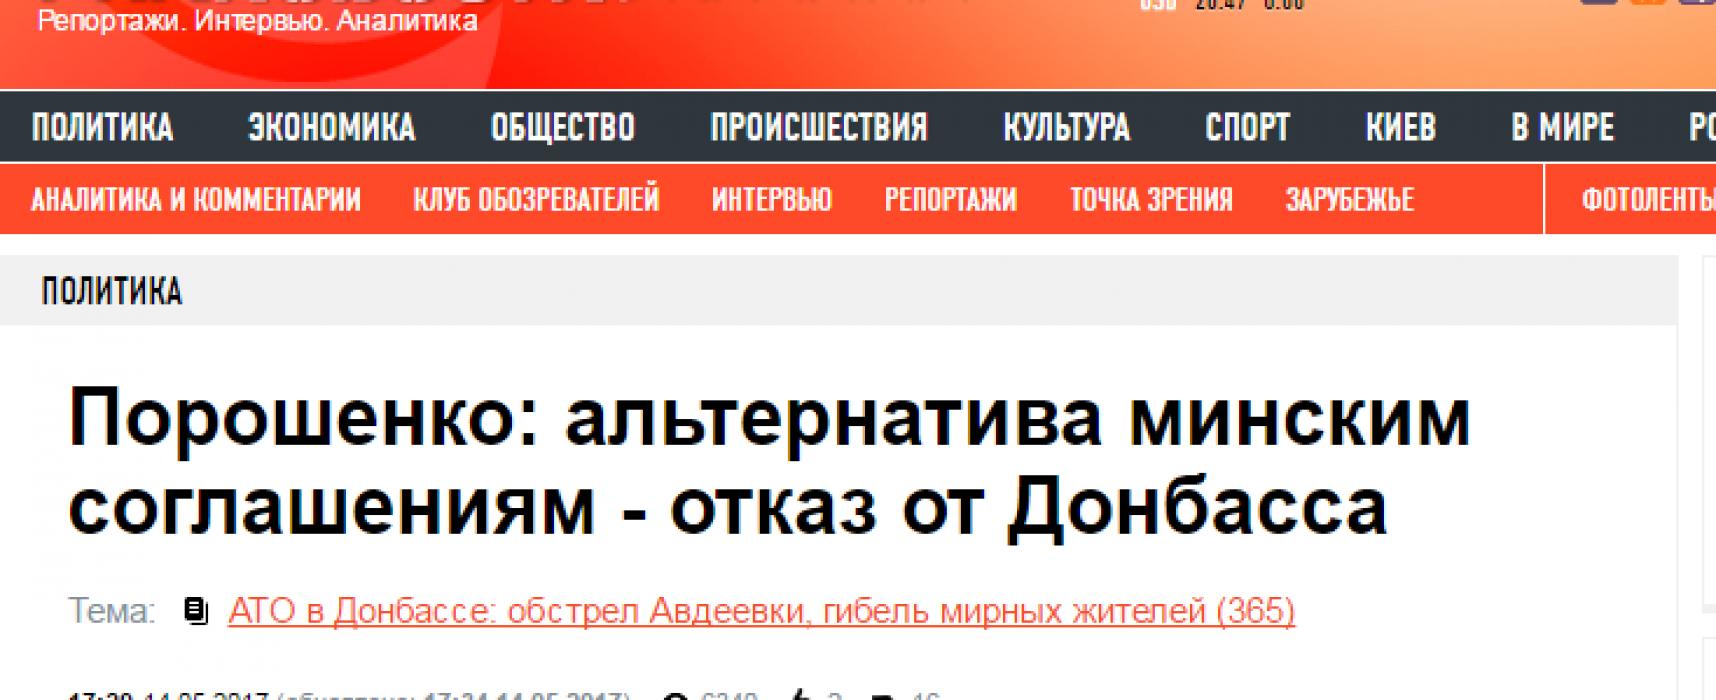 Fake: Poroshenko de construire un mur entre le Donbass et le reste de l'Ukraine